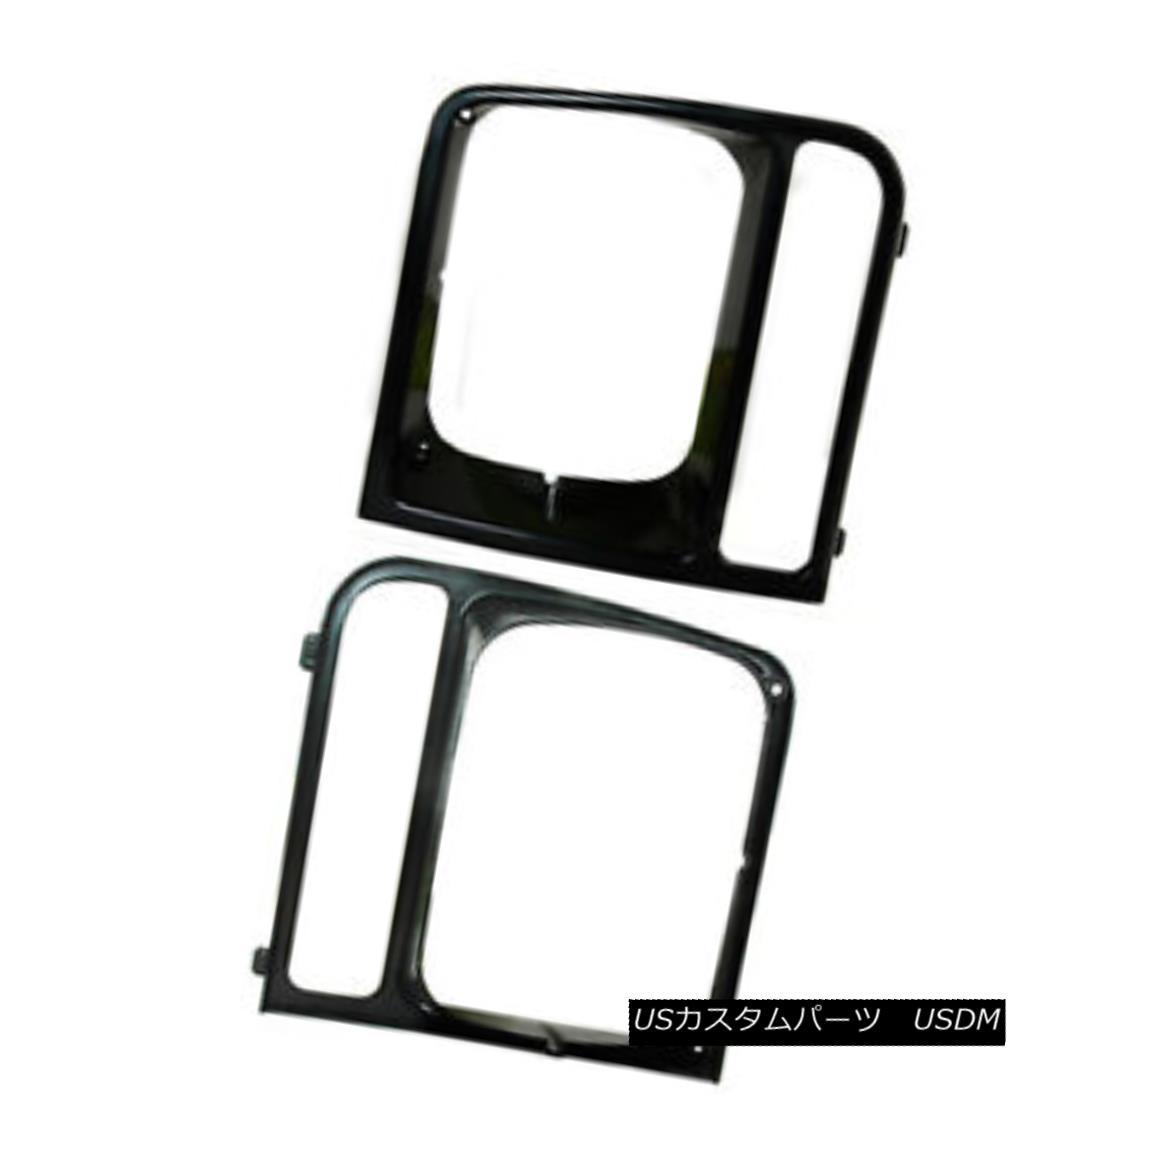 グリル Headlight Door Gloss Black Driver Side for Limited / Classic Models 630-00974L 限定モデル/クラシックモデル用ヘッドライトドアグロスブラックドライバーサイド630-00974L